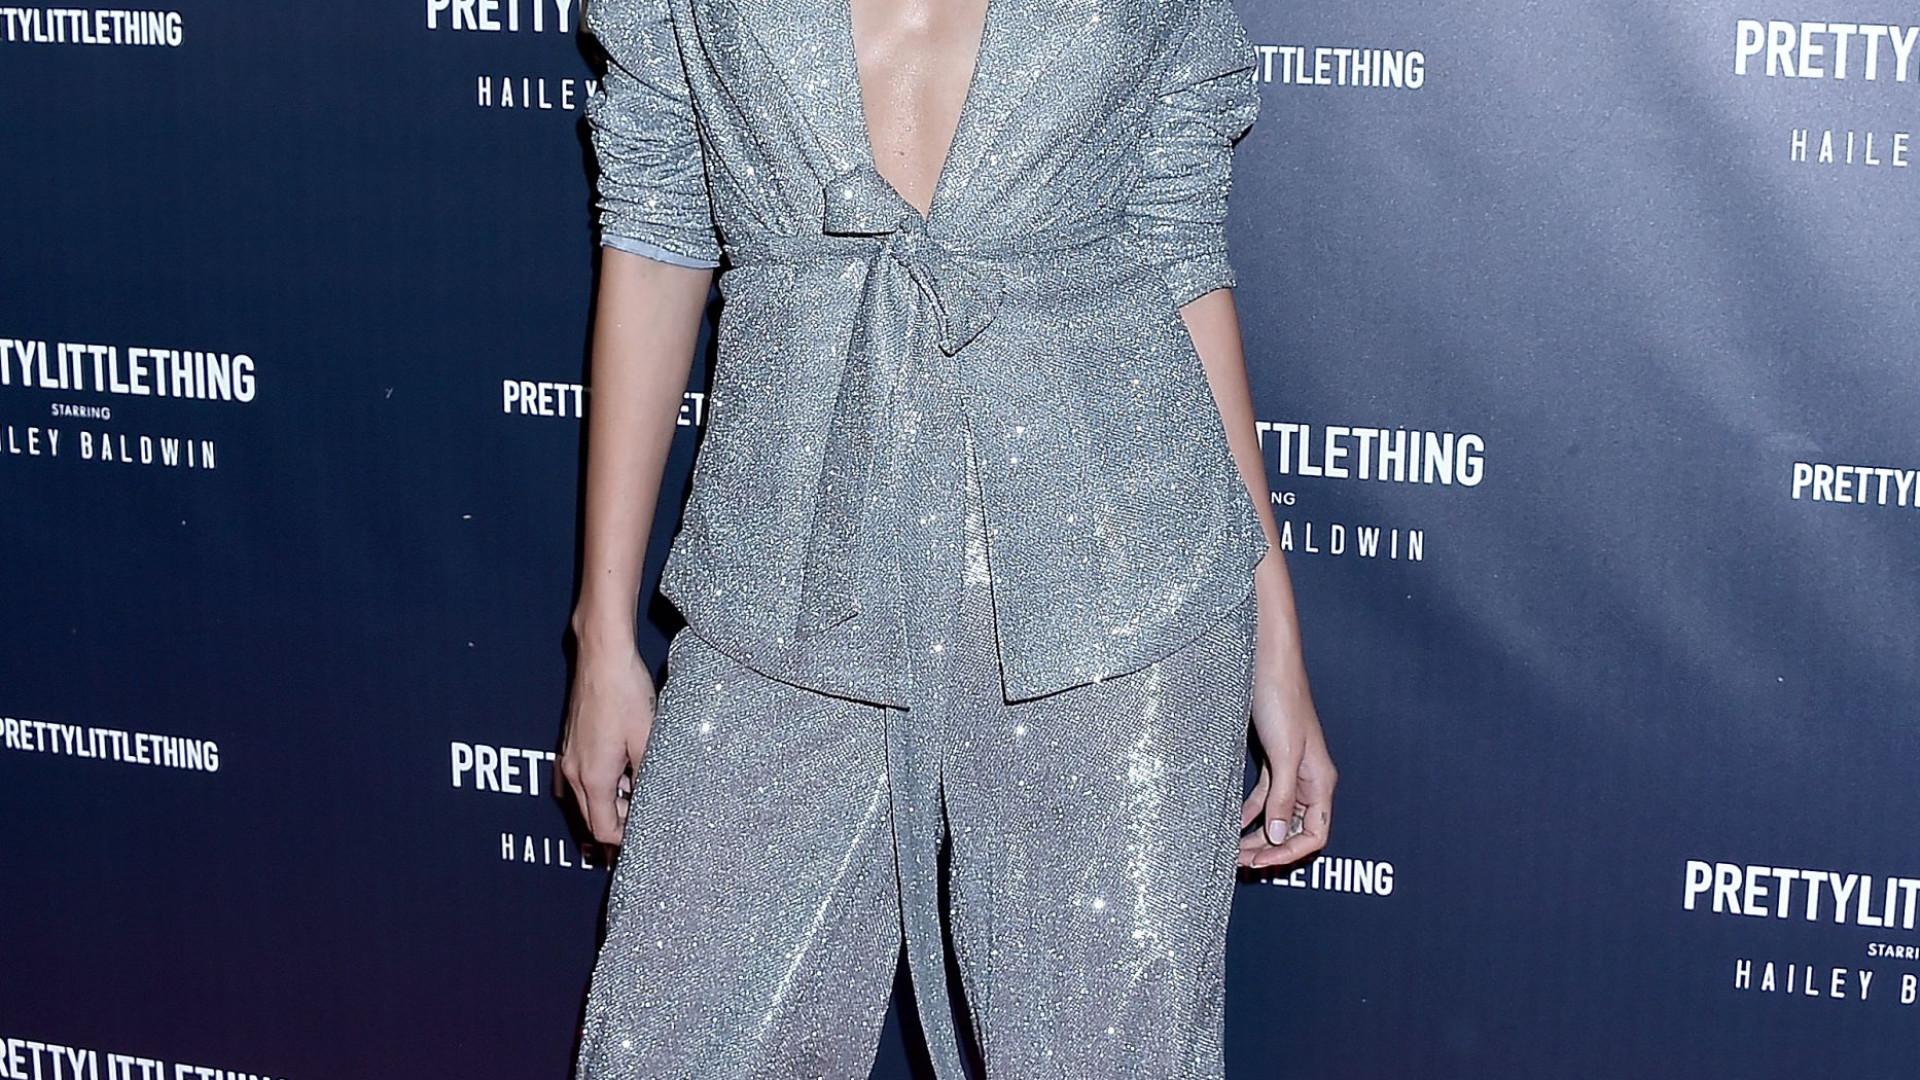 Hailey Baldwin 'brilha' com look decotado